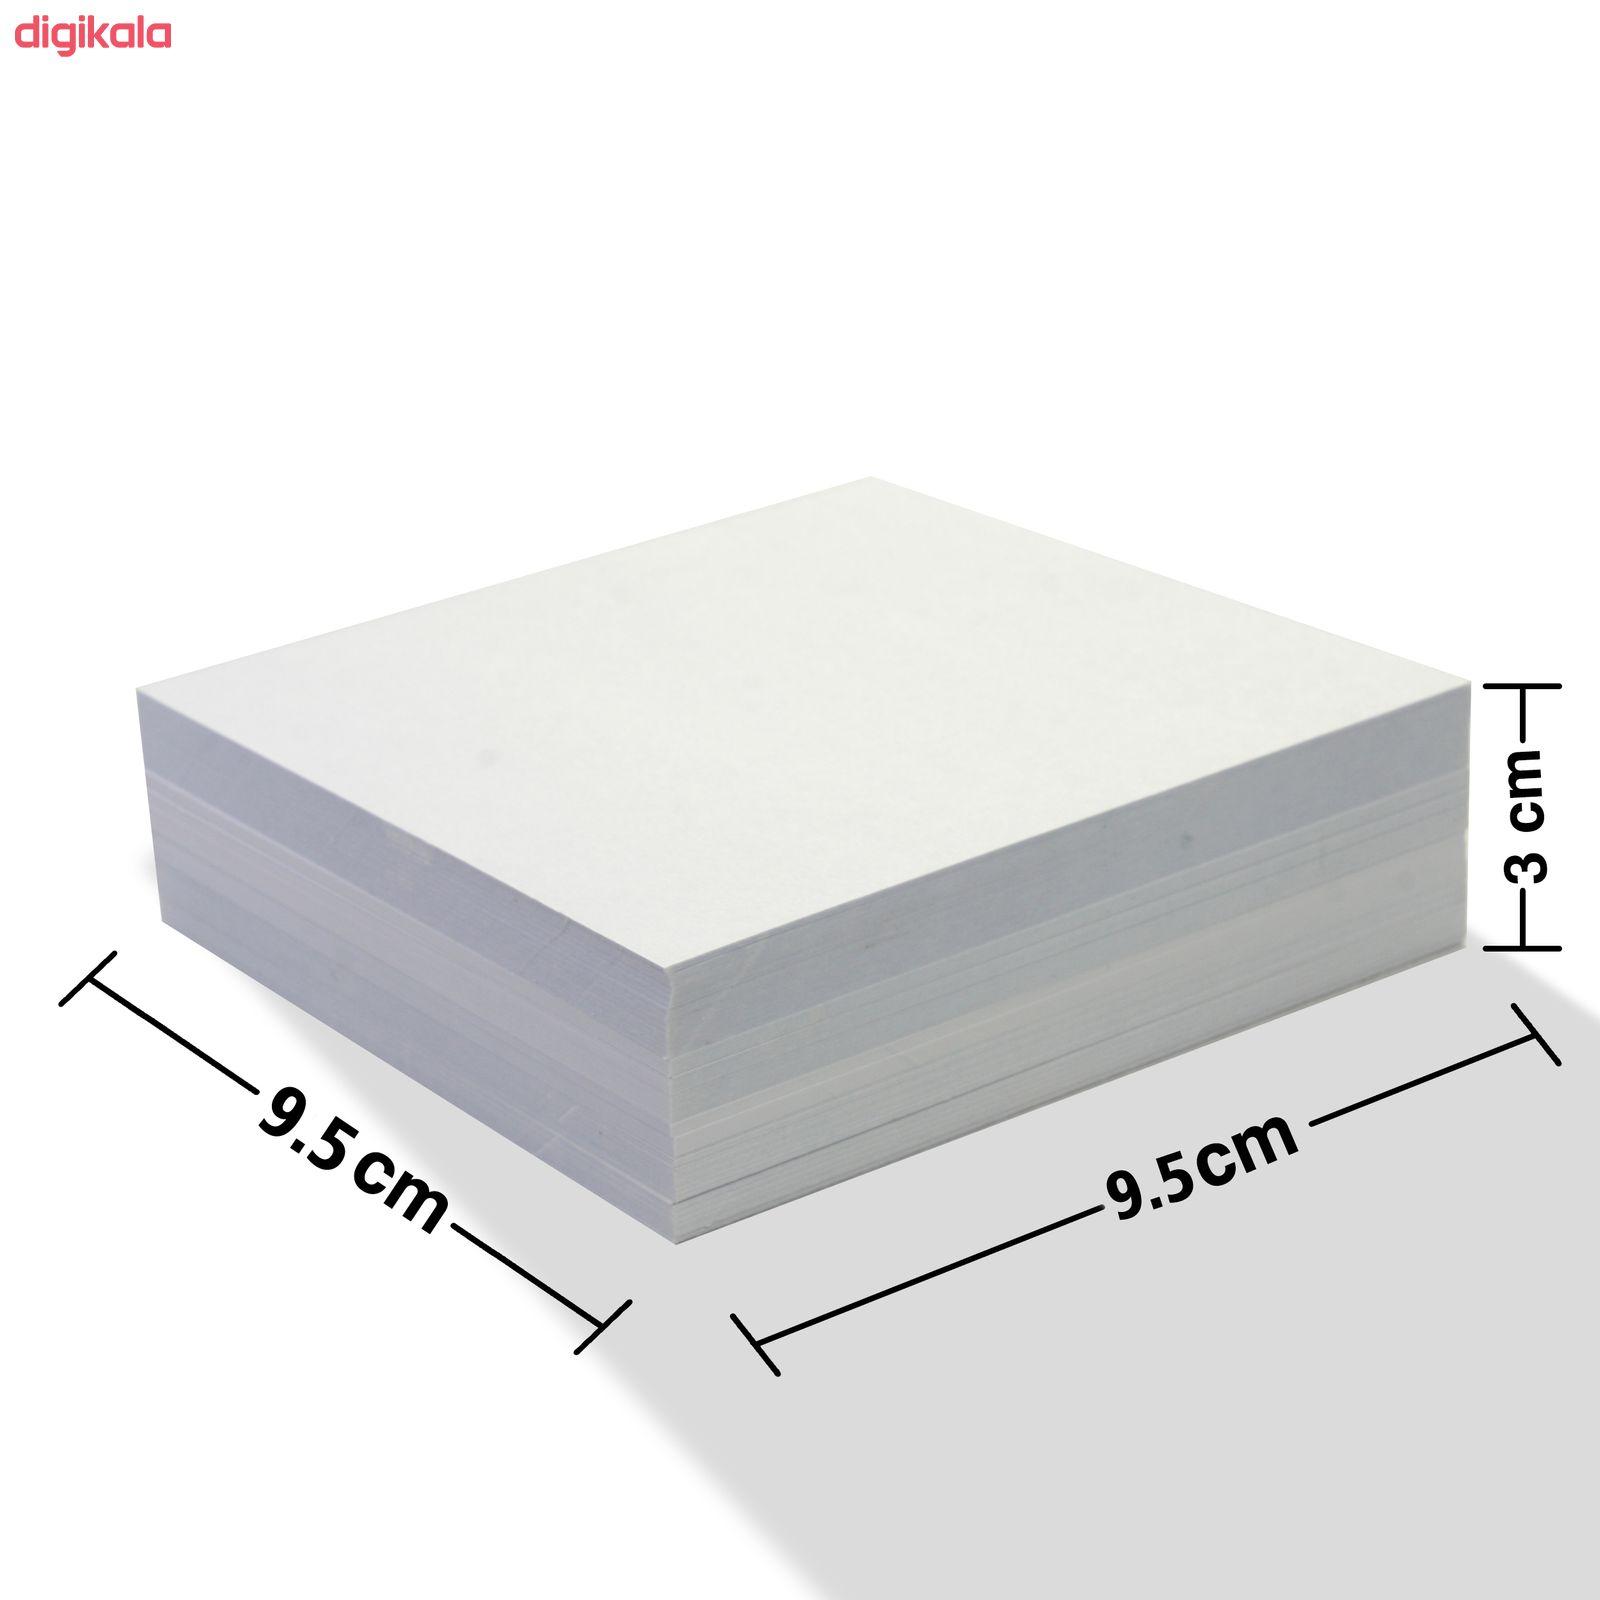 کاغذ یادداشت مستر راد مدل پریاکد W-1035بسته 200 عددی main 1 1